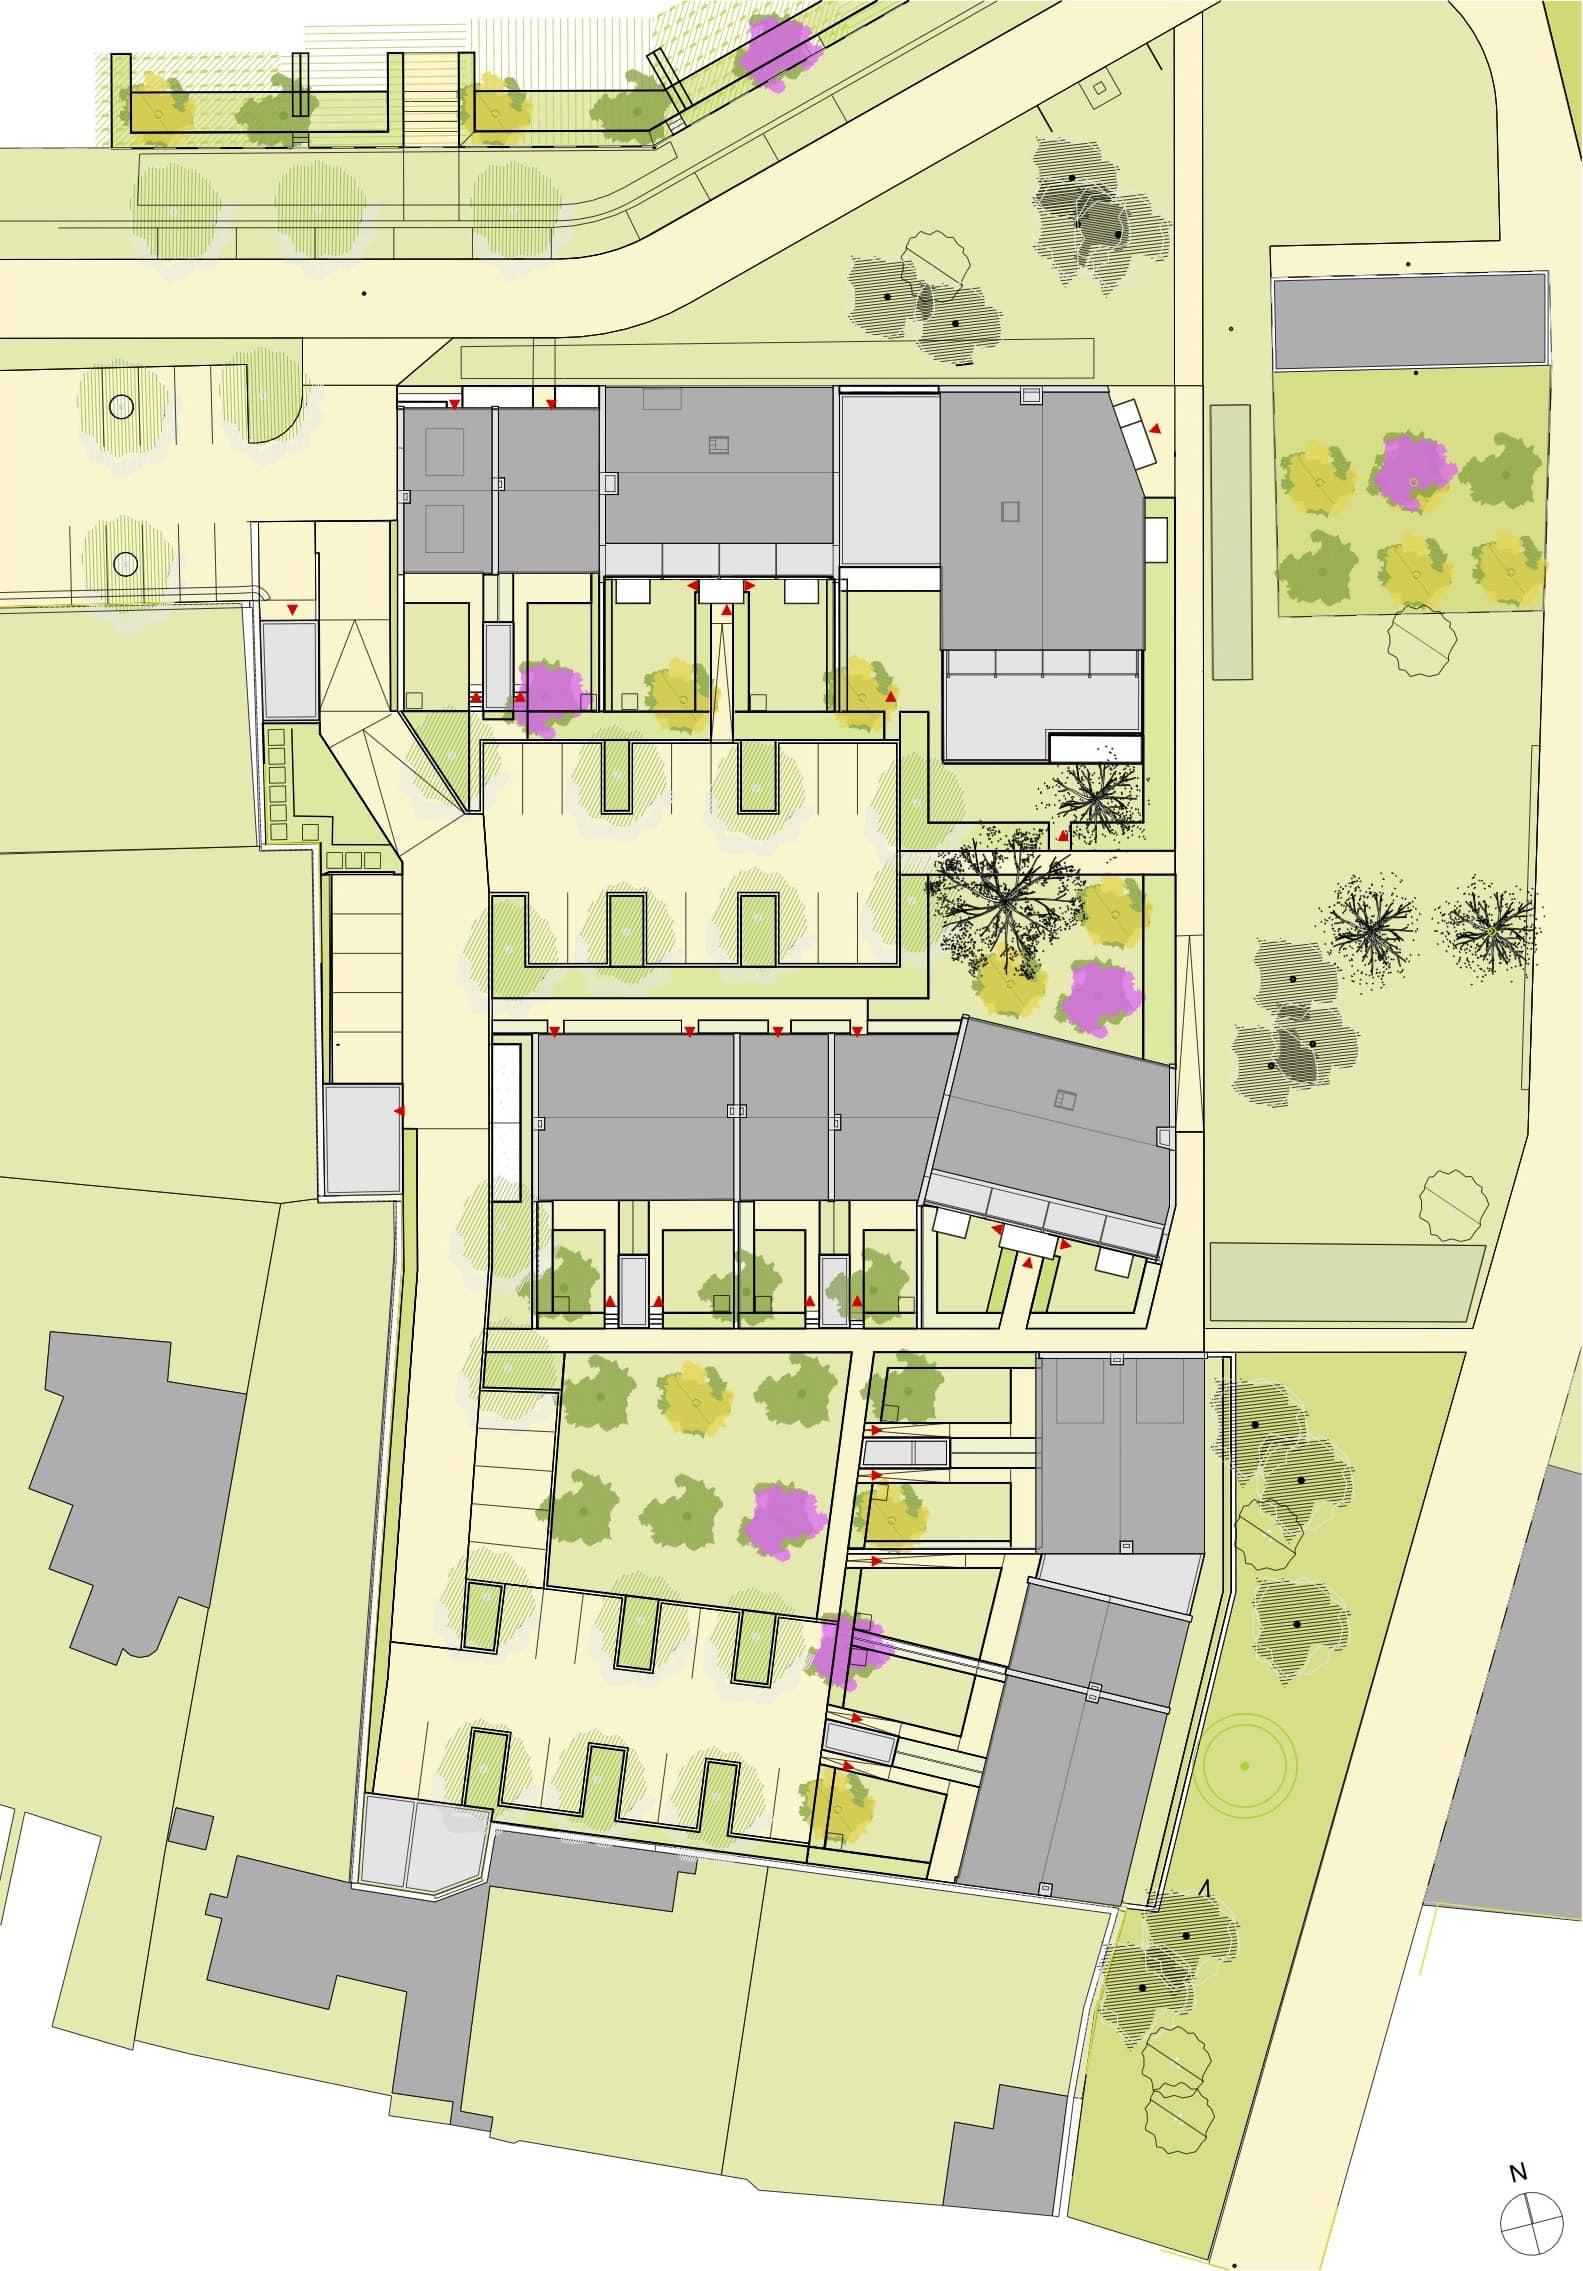 1 Plan de masse - Logements - Ilot E - Les grands jardins de Calix – Caen